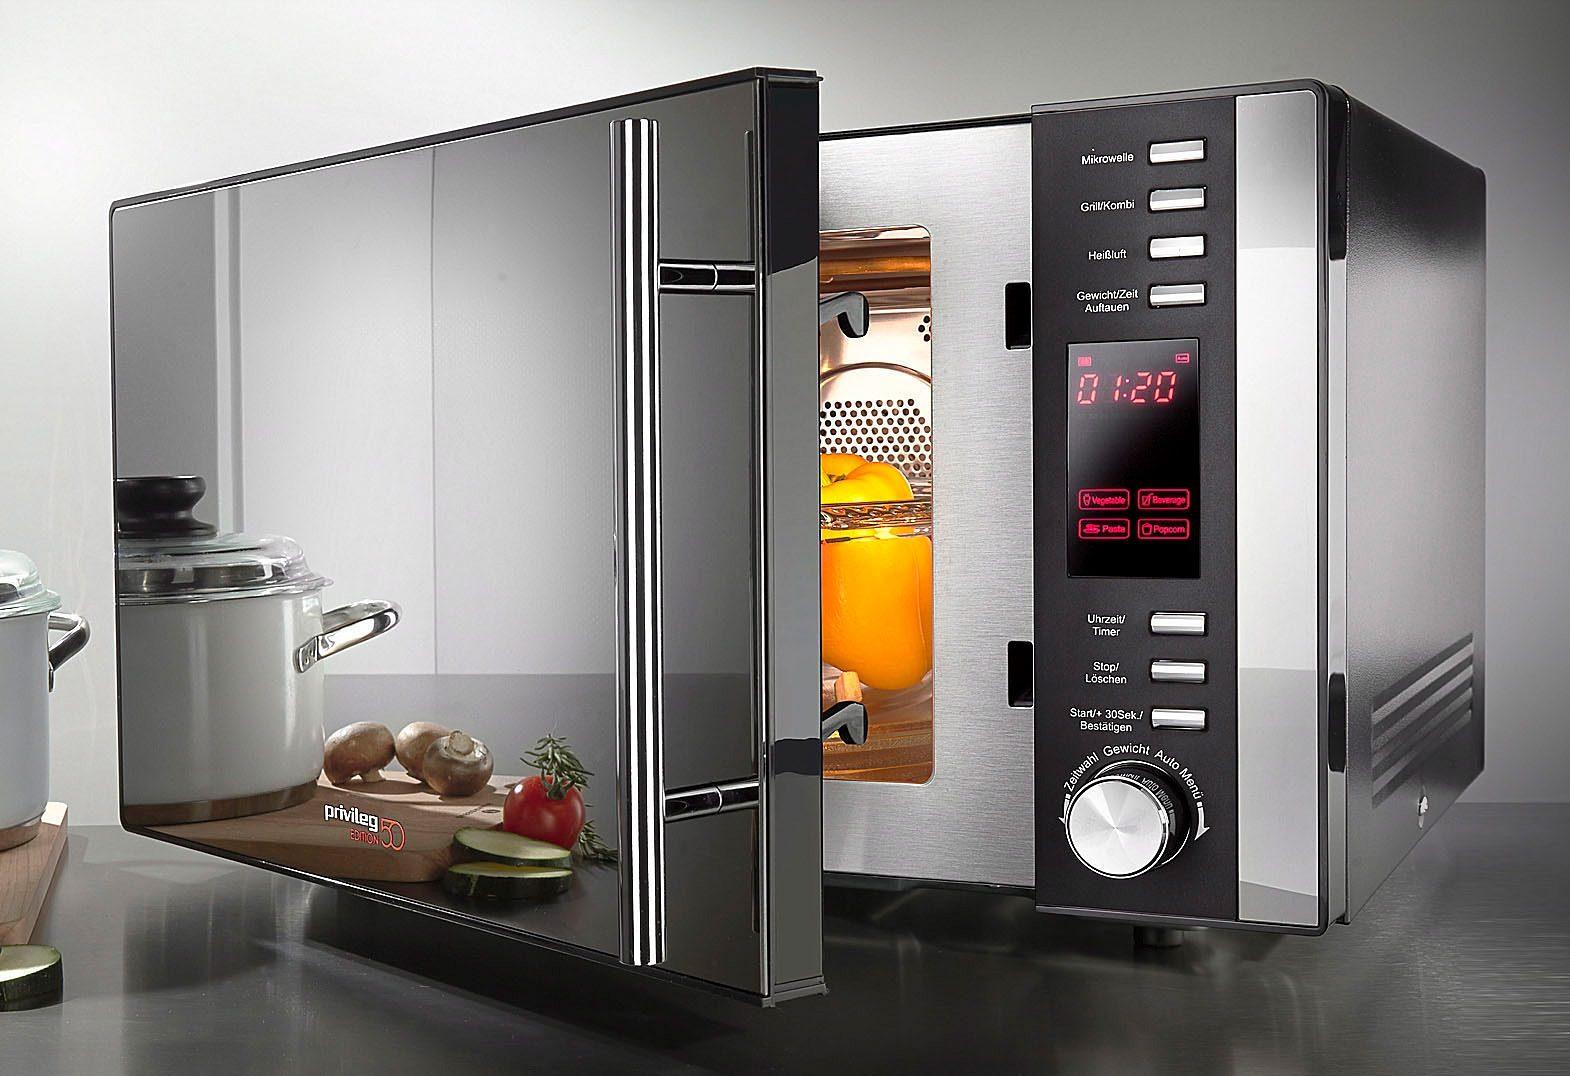 *Privileg Mikrowelle »285902«, Grill und Heißluft, 900 W, 3-in-1 Gerät*